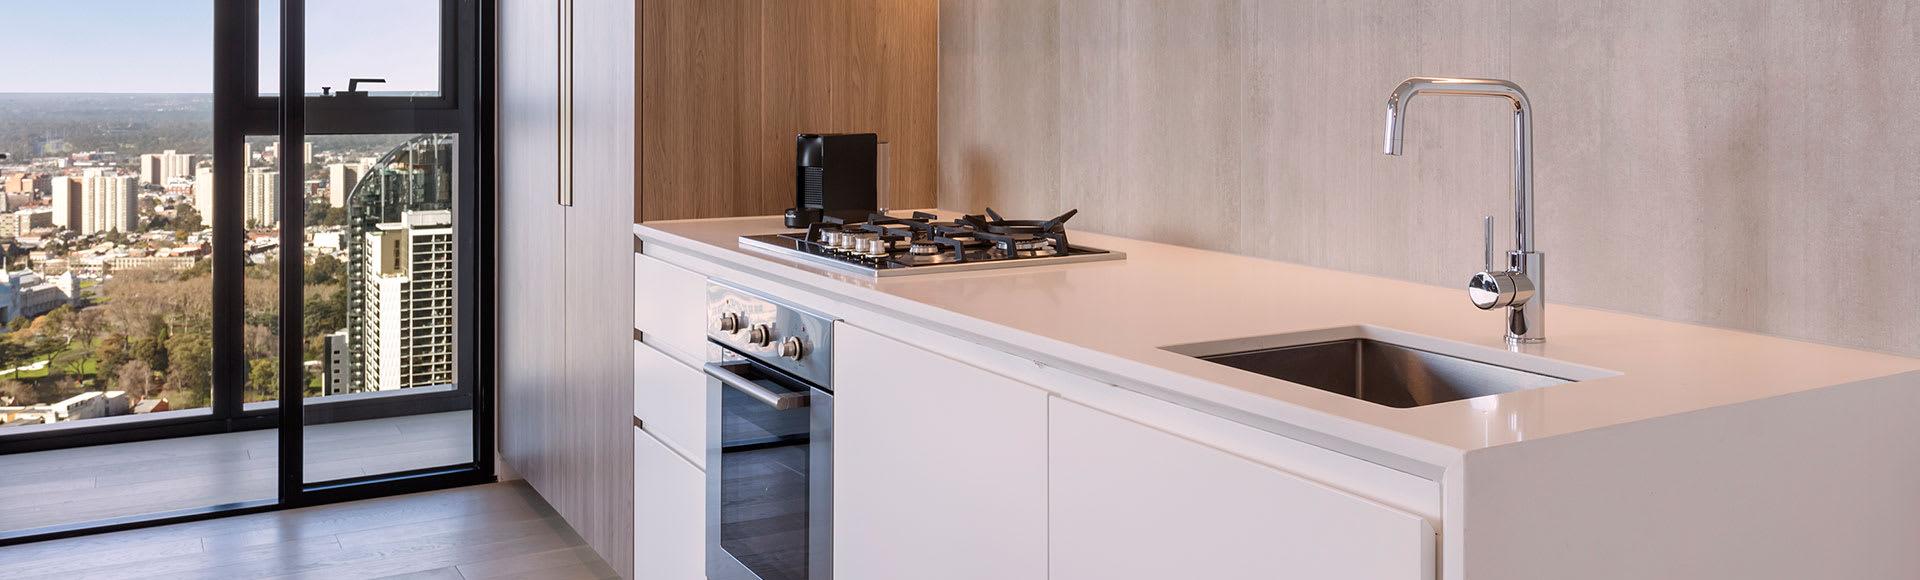 Avani Melbourne Central Residences 2 Bedroom Superior Suite Kitchen